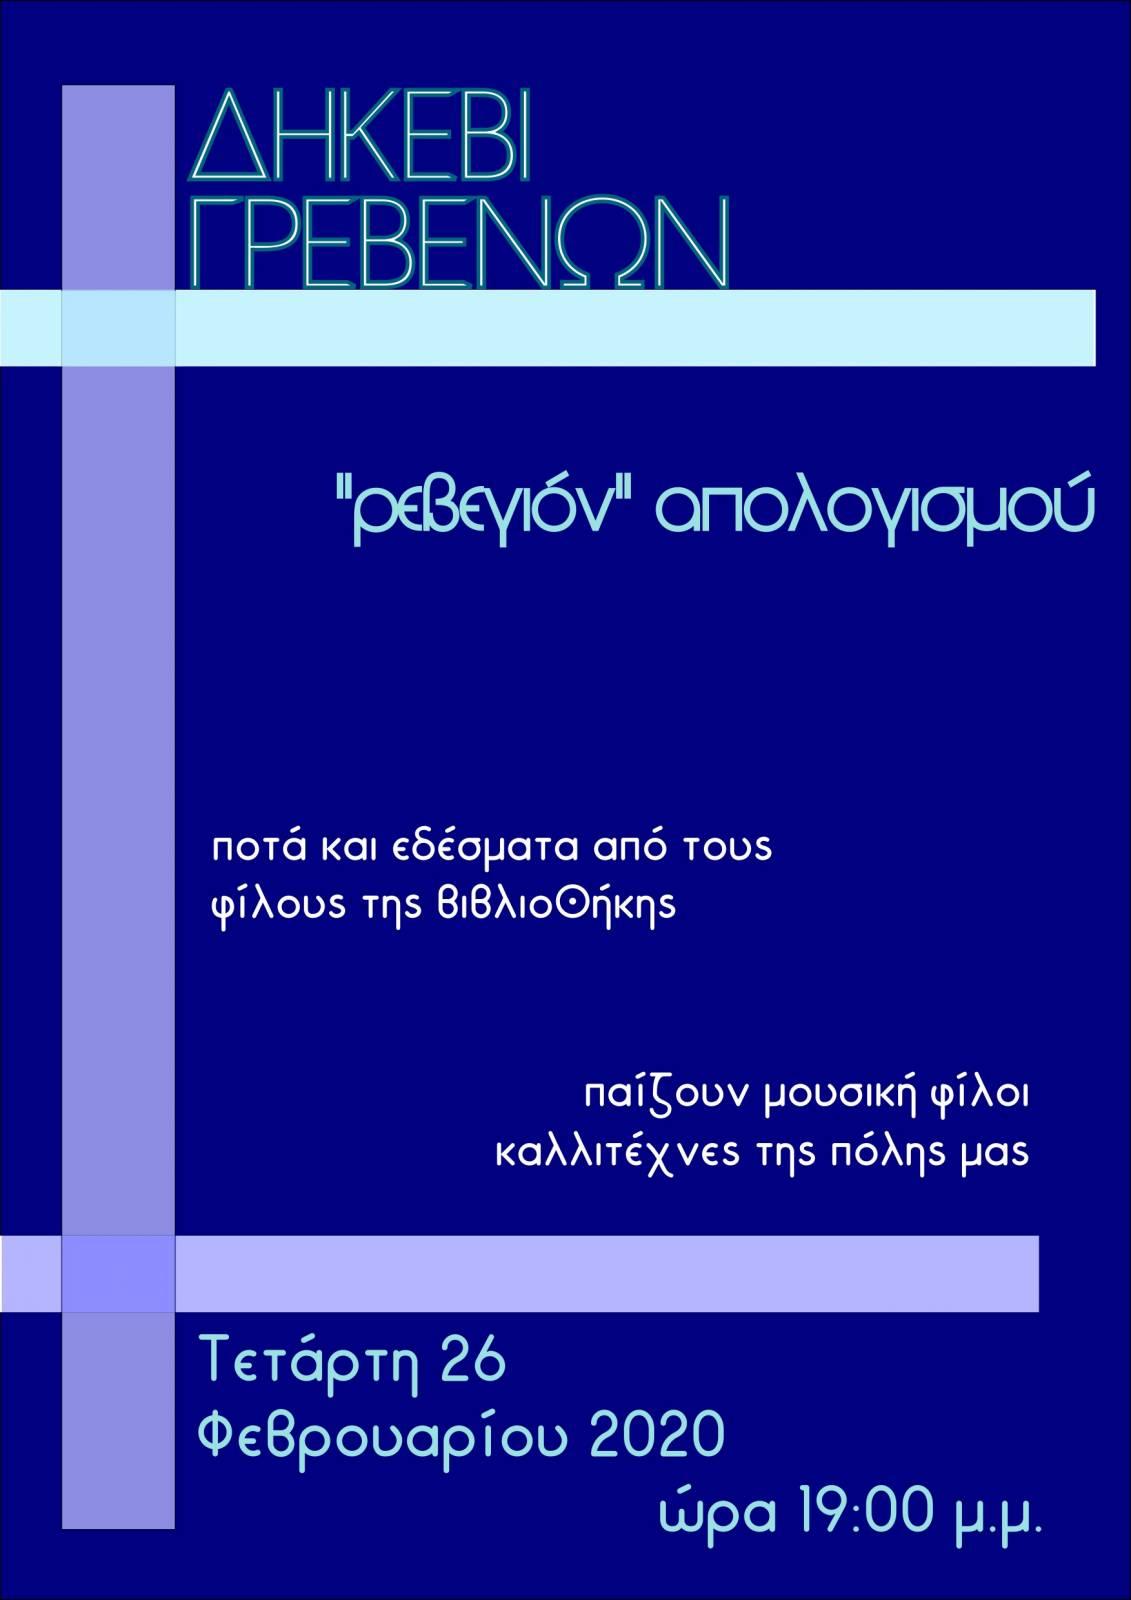 ΔΗΚΕΒΙ Γρεβενών: Πρόσκληση στο ρεβεγιόν απολογισμού την Τετάρτη 26 Φεβρουαρίου